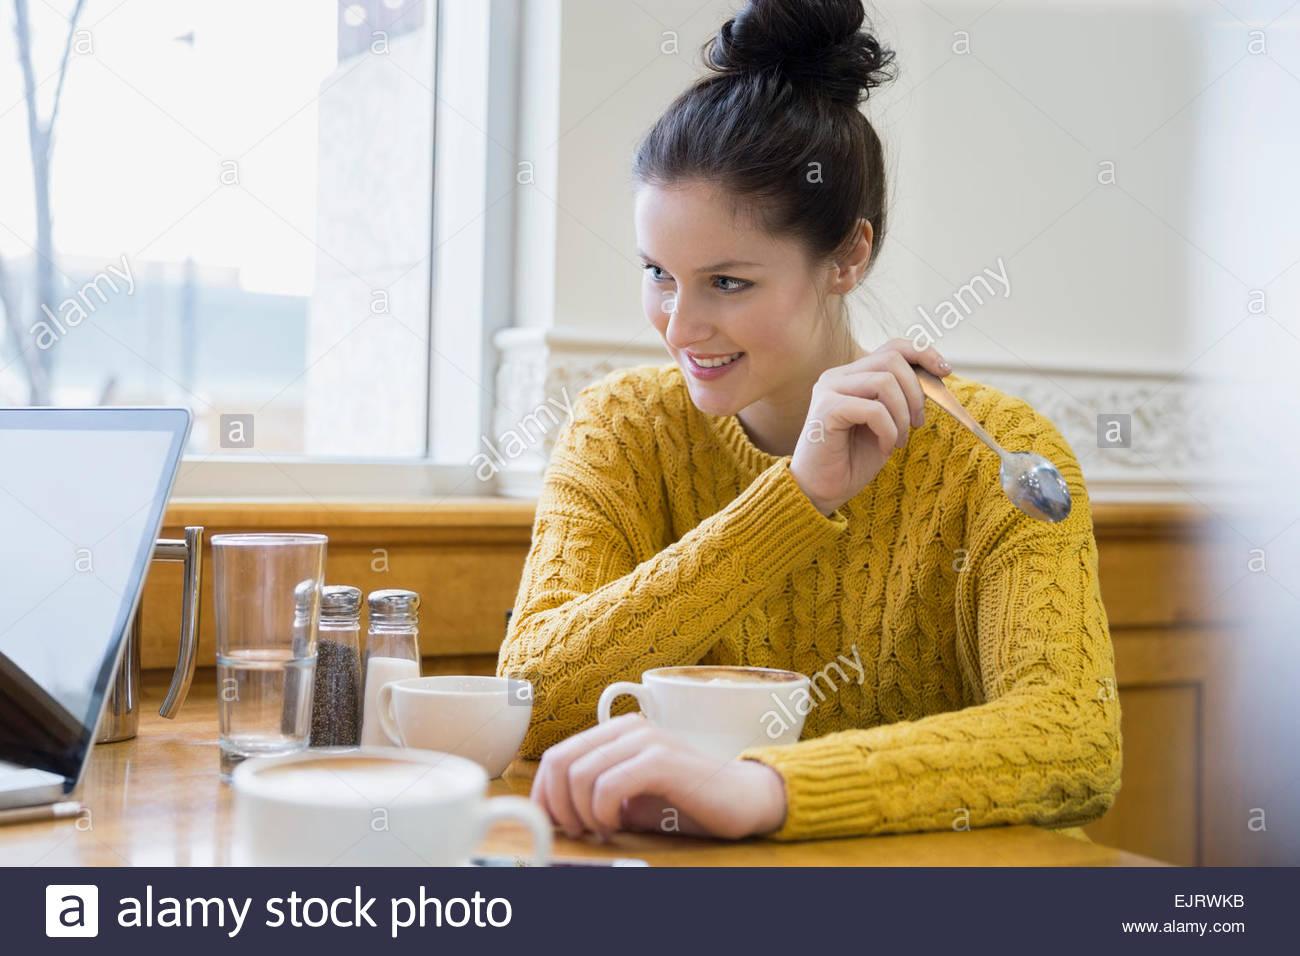 Donna sorridente bere cappuccino in cafe Immagini Stock